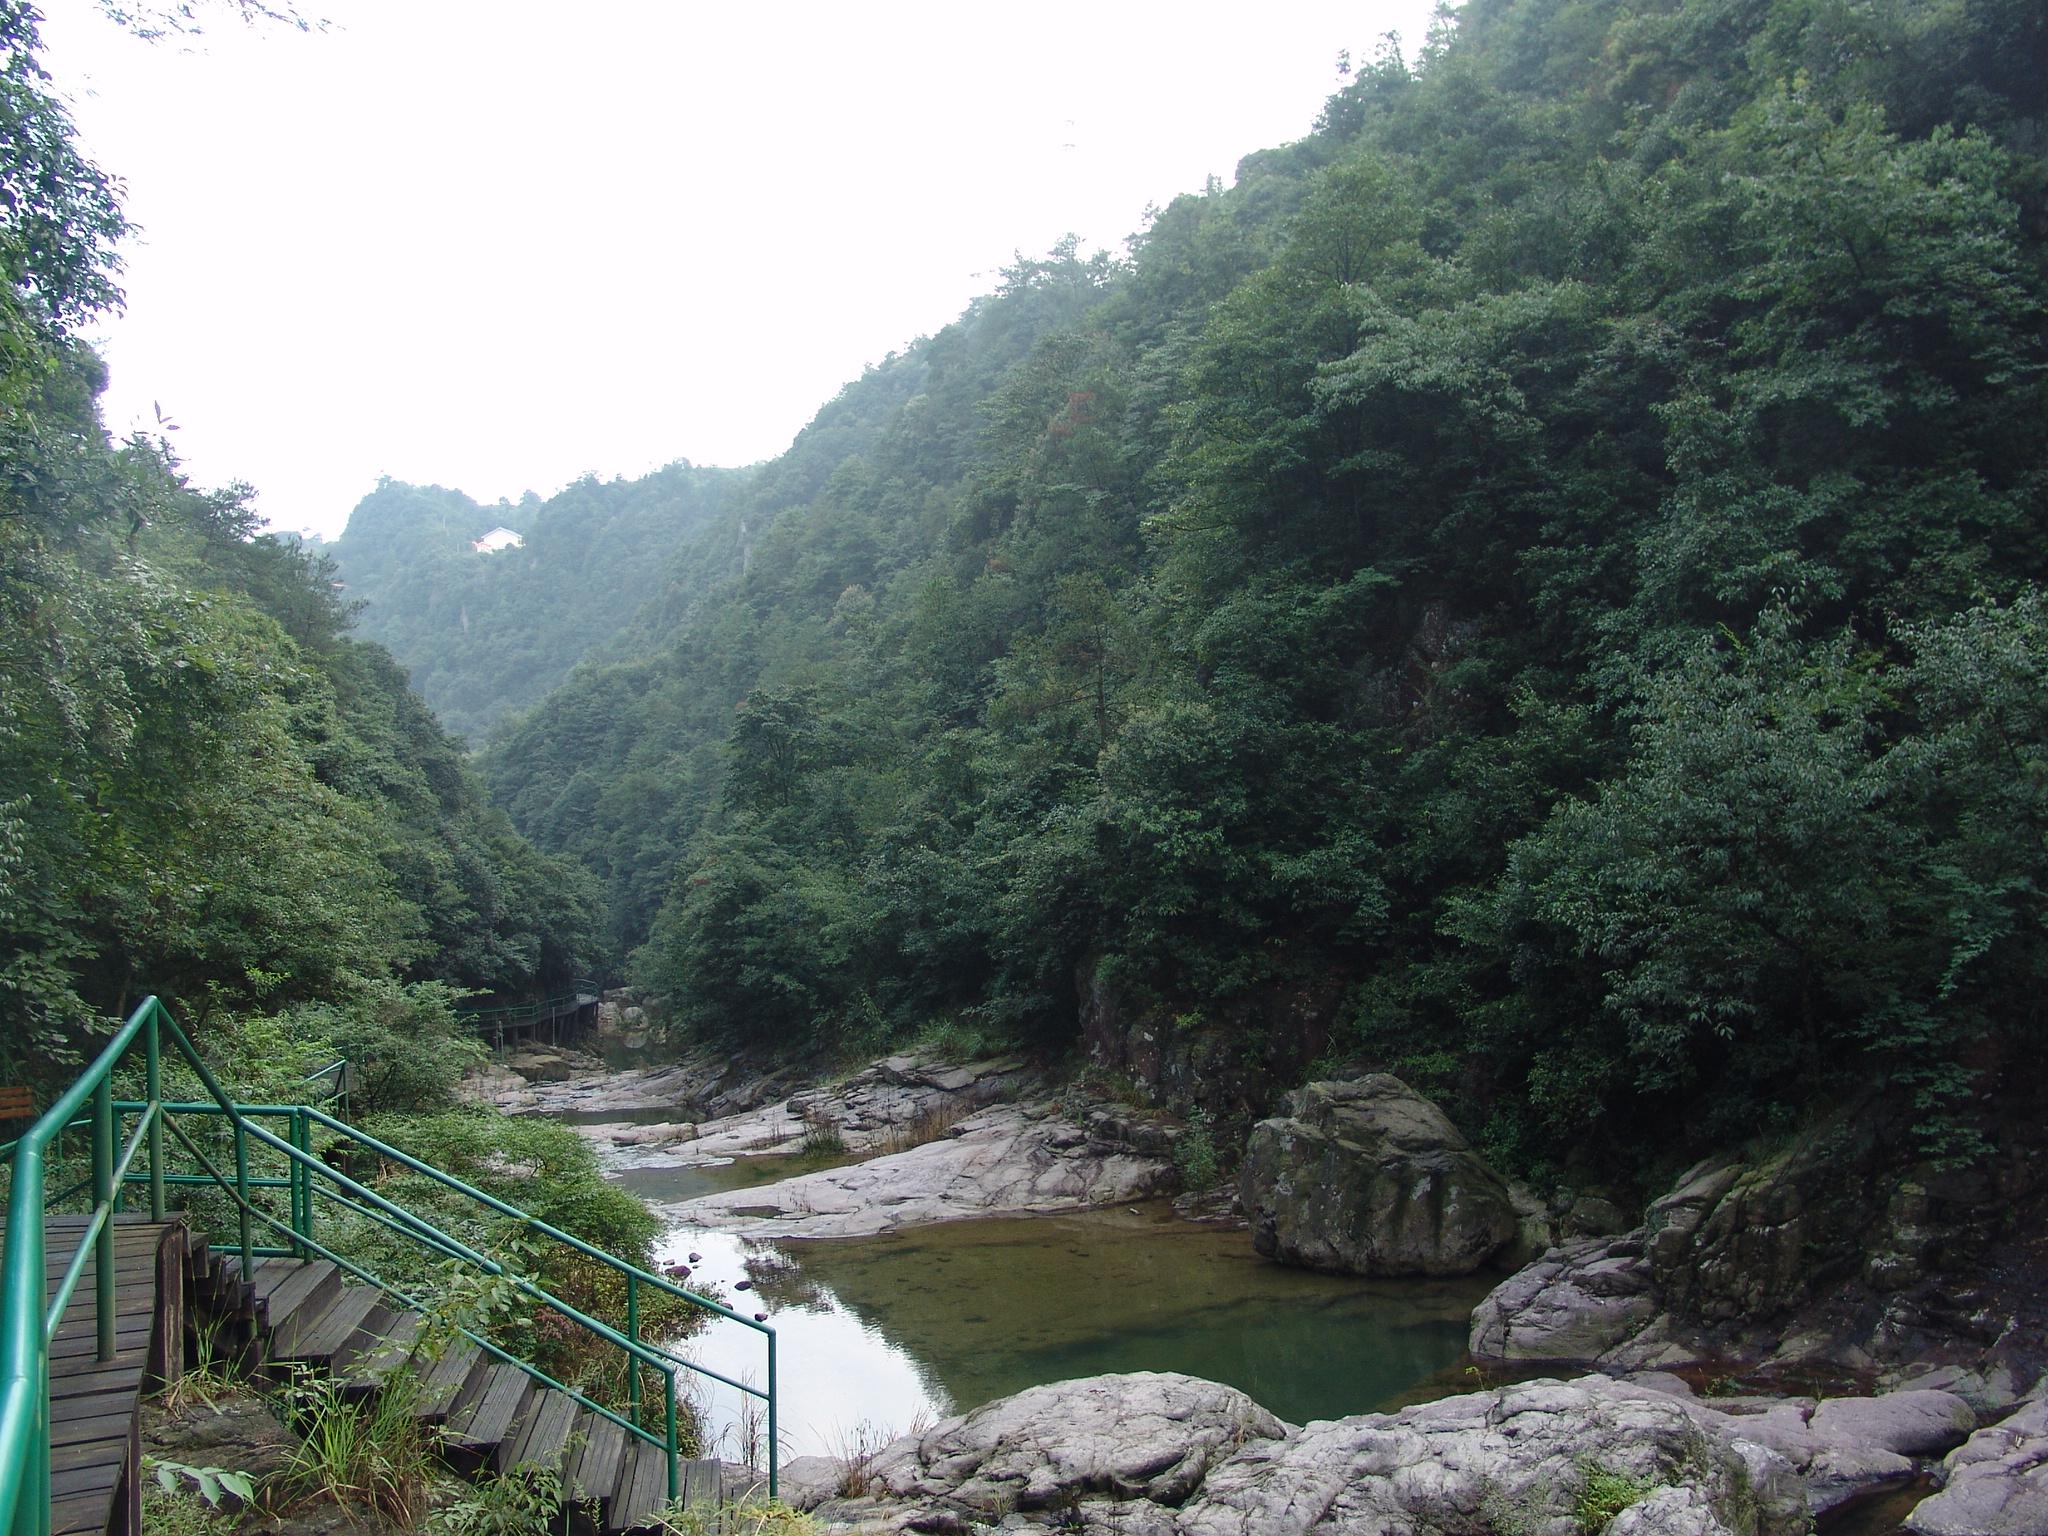 景区面积6.05平方公里,为余姚市第一个风景名胜区.